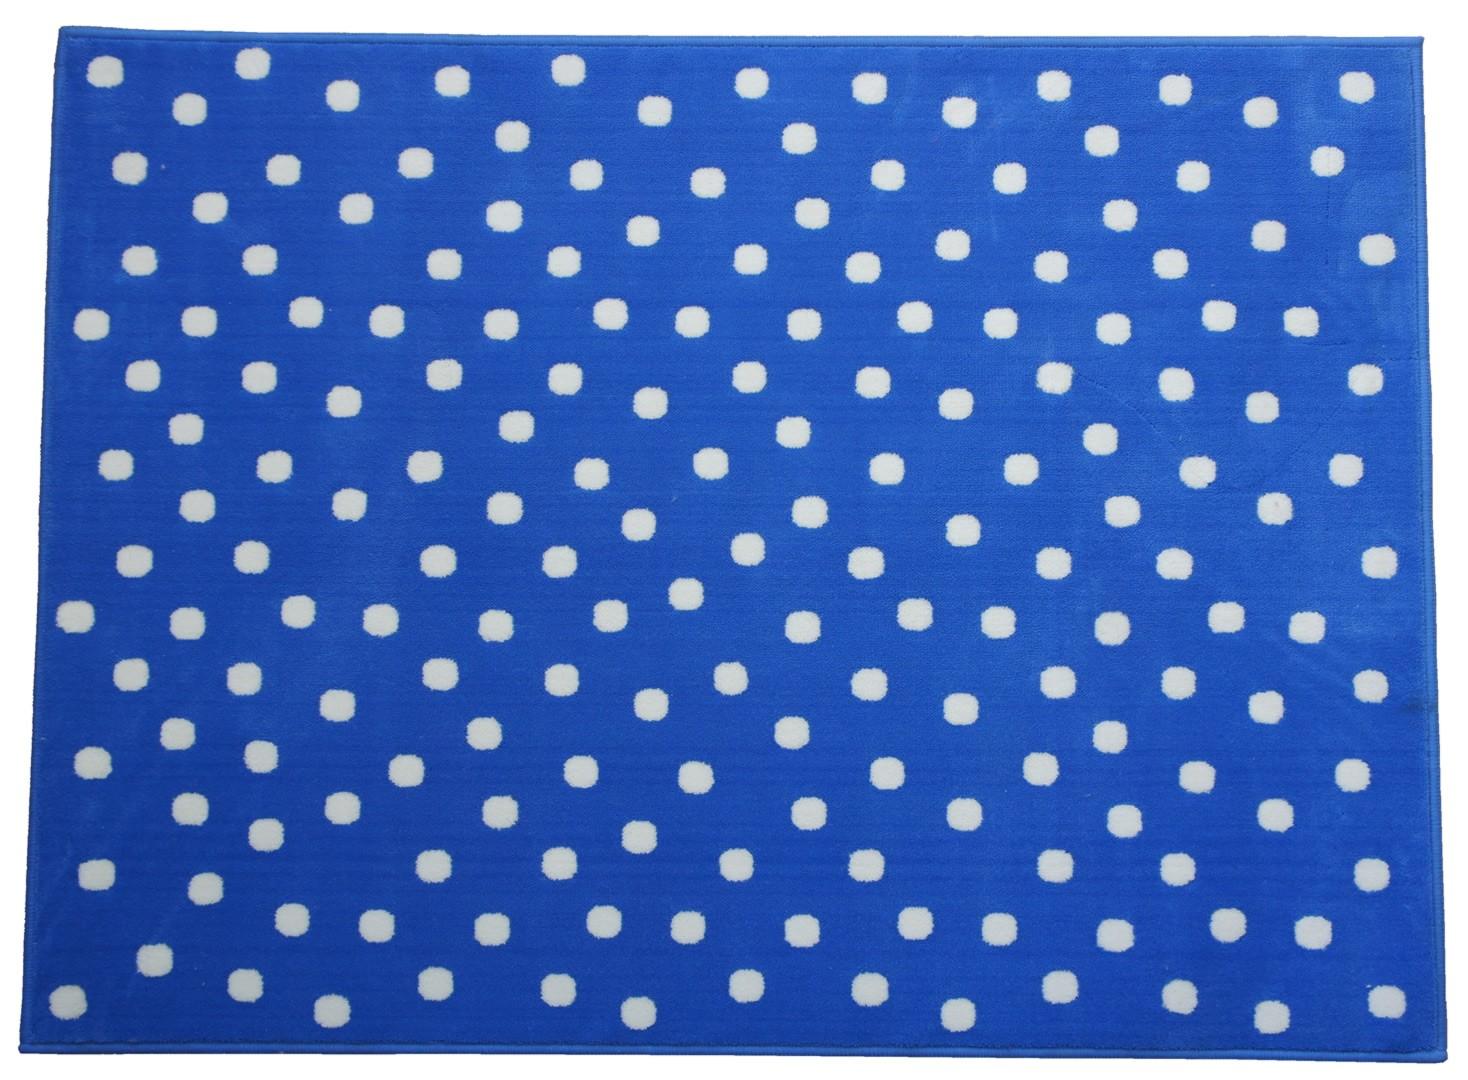 Tapis bleu marine pour chambre d'enfant Dots Lorena Canals